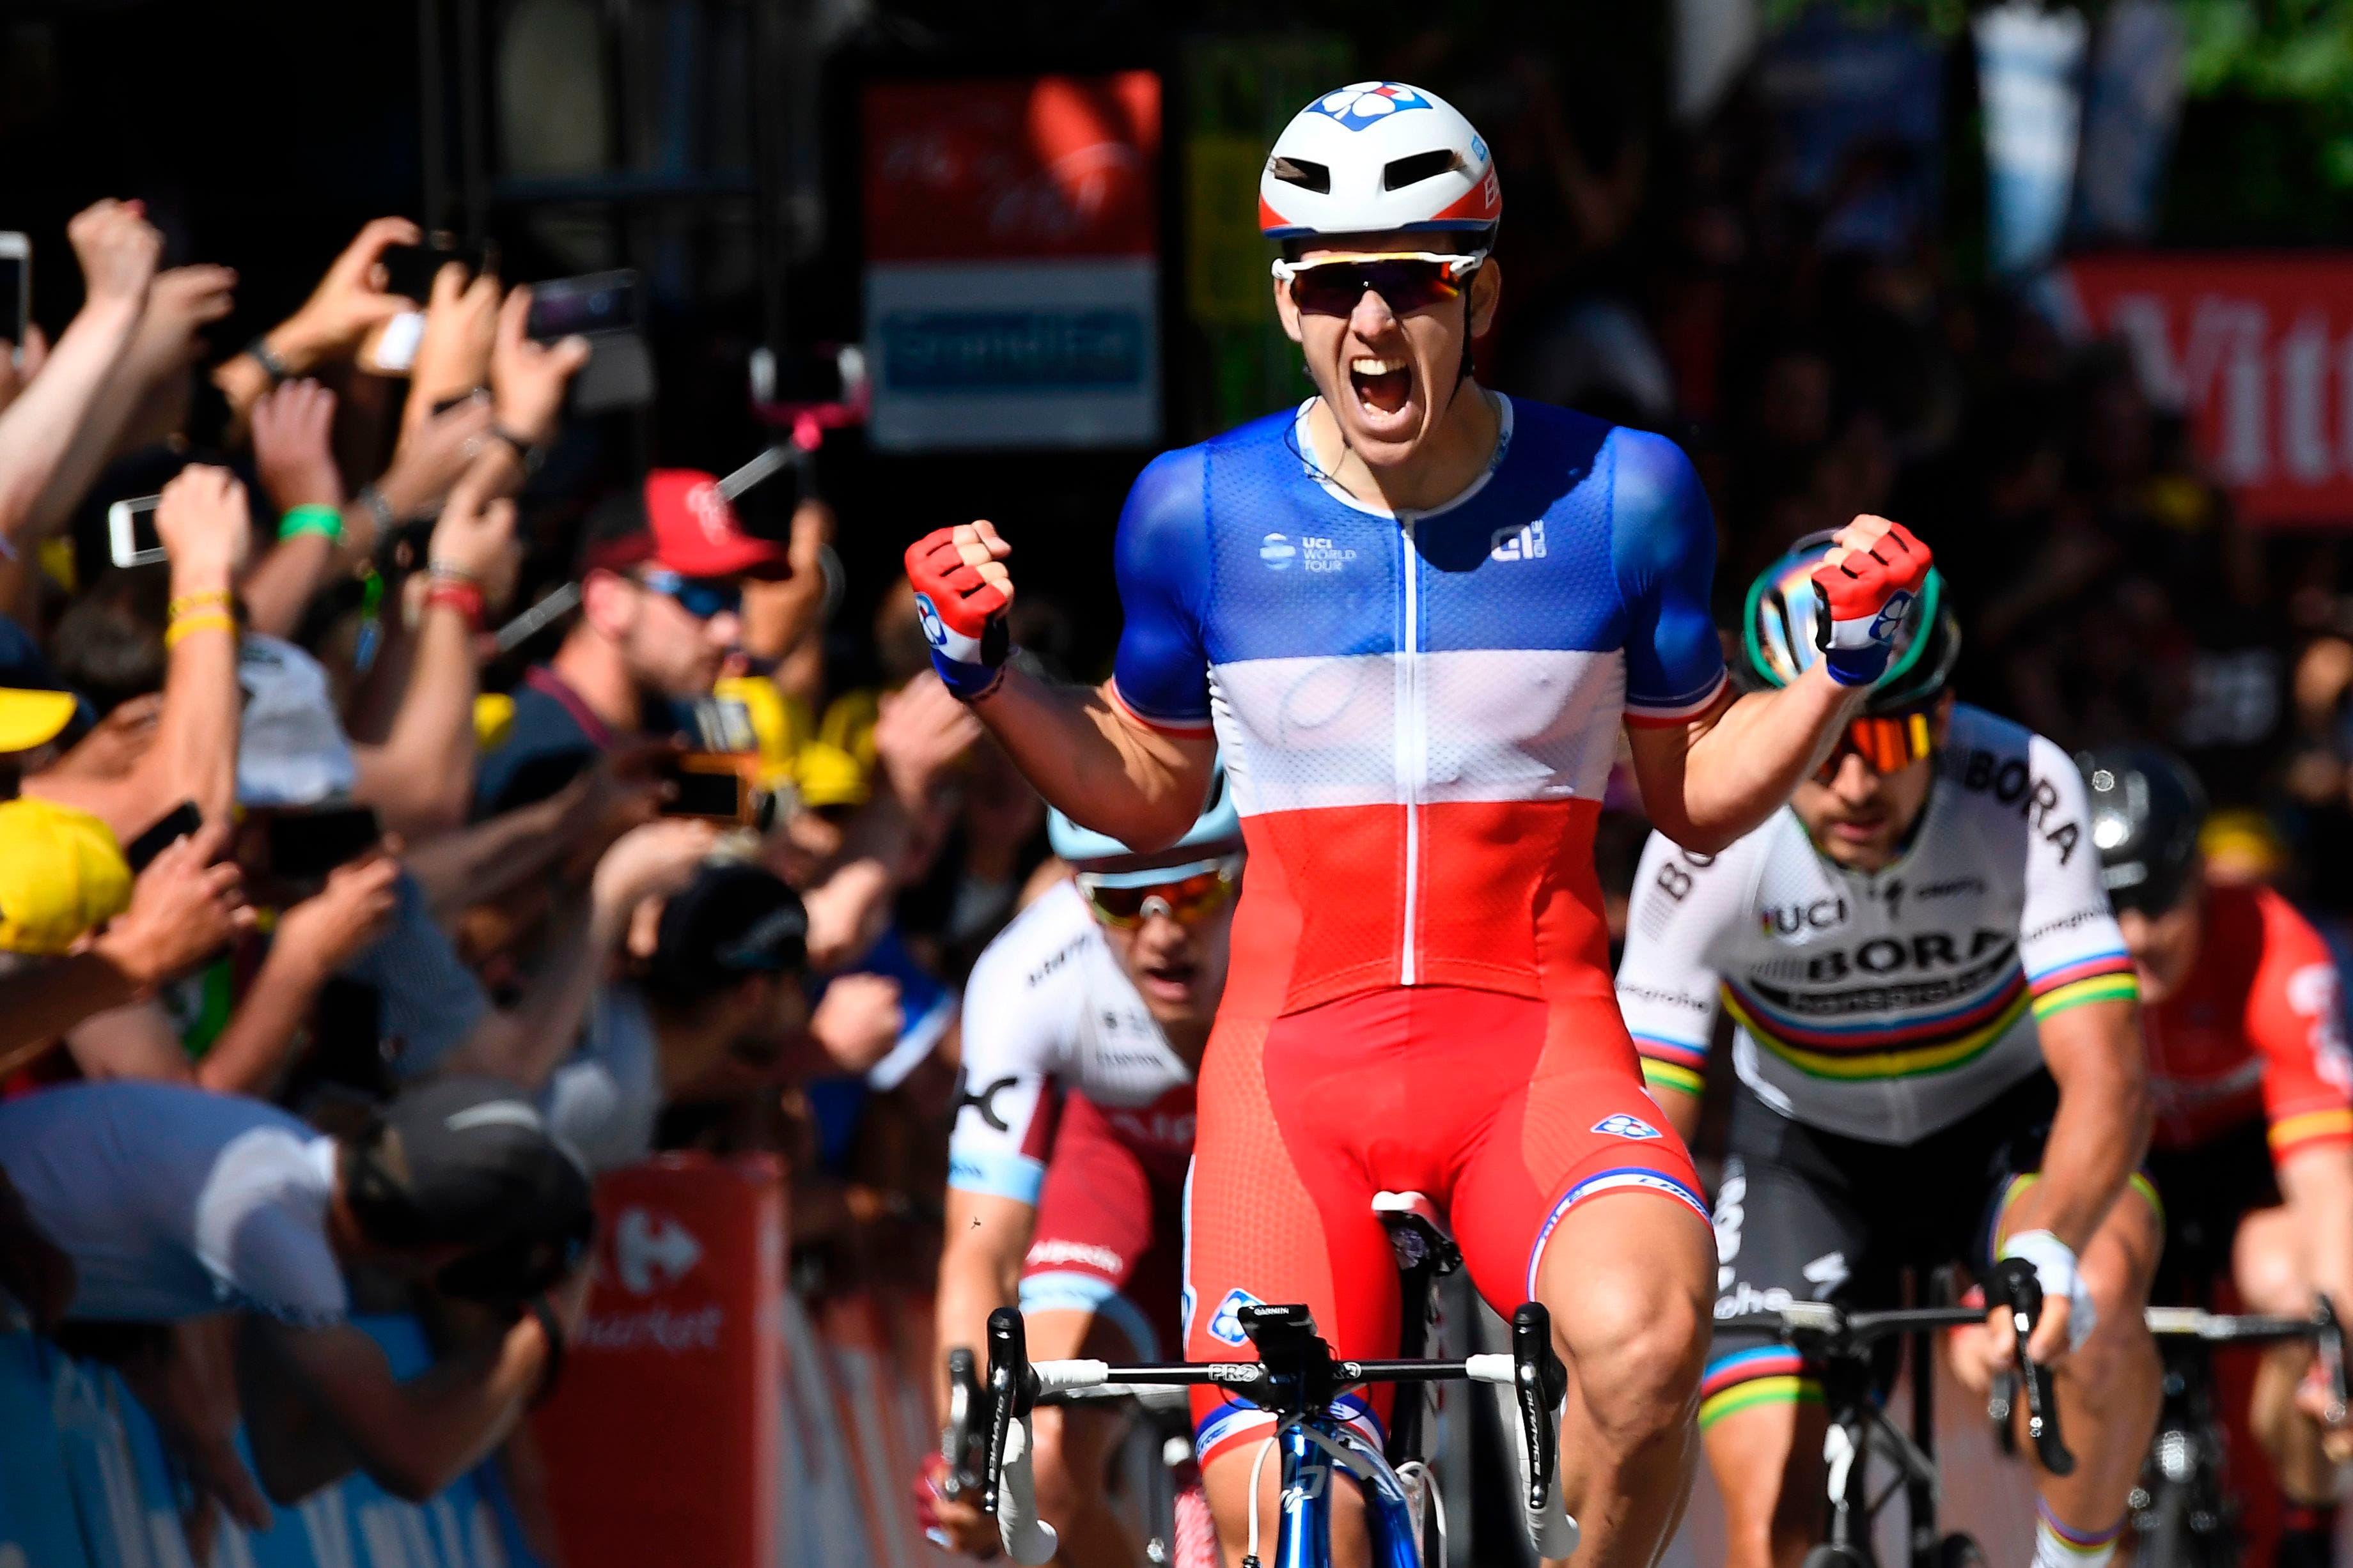 El francés Arnaud Demare festeja al cruzar la línea de meta frente al eslovaco Peter Sagan (R) y al noruego Alexander Kristoff (L) al final de la cuarta etapa del Tour de Francia